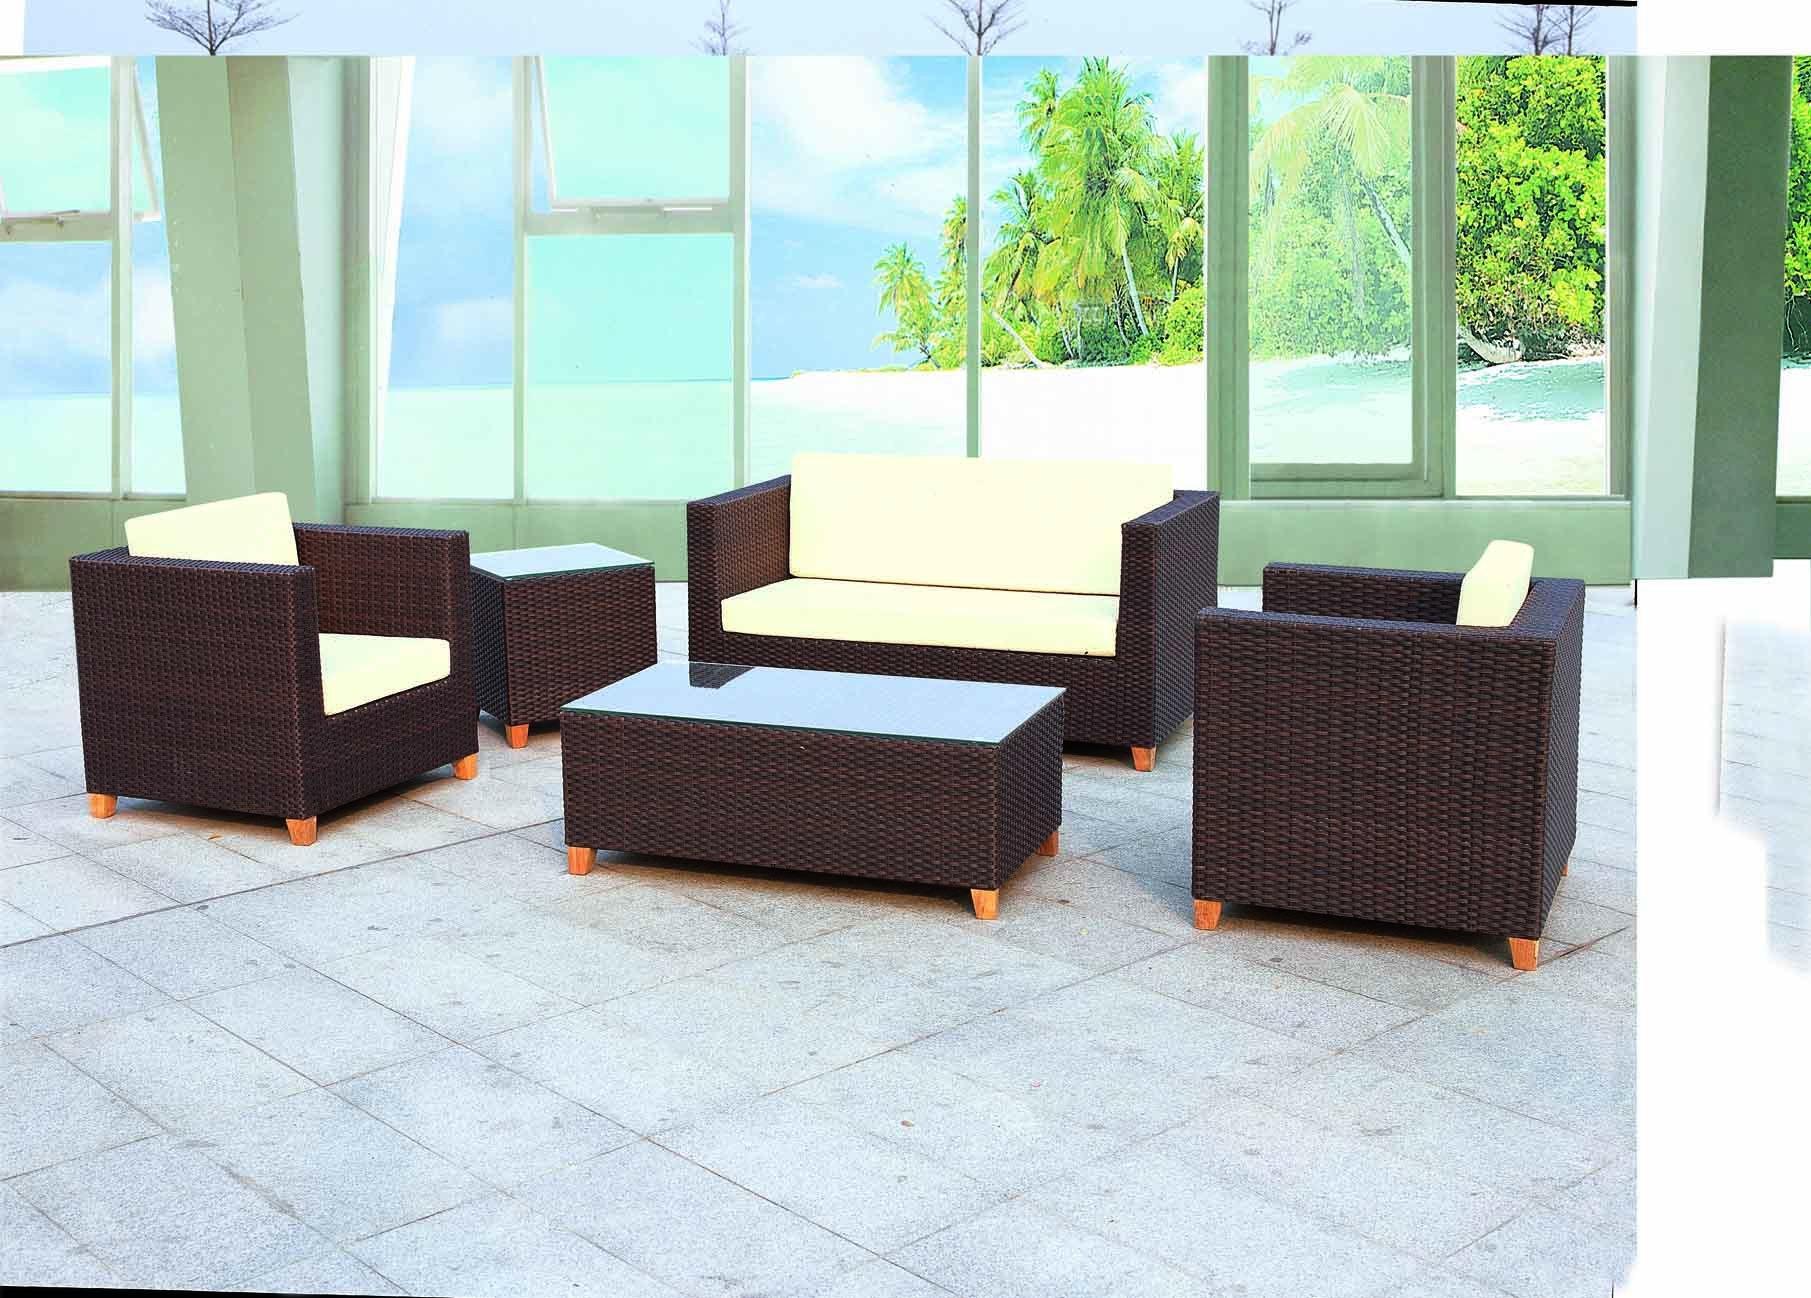 景观室外沙发平面素材